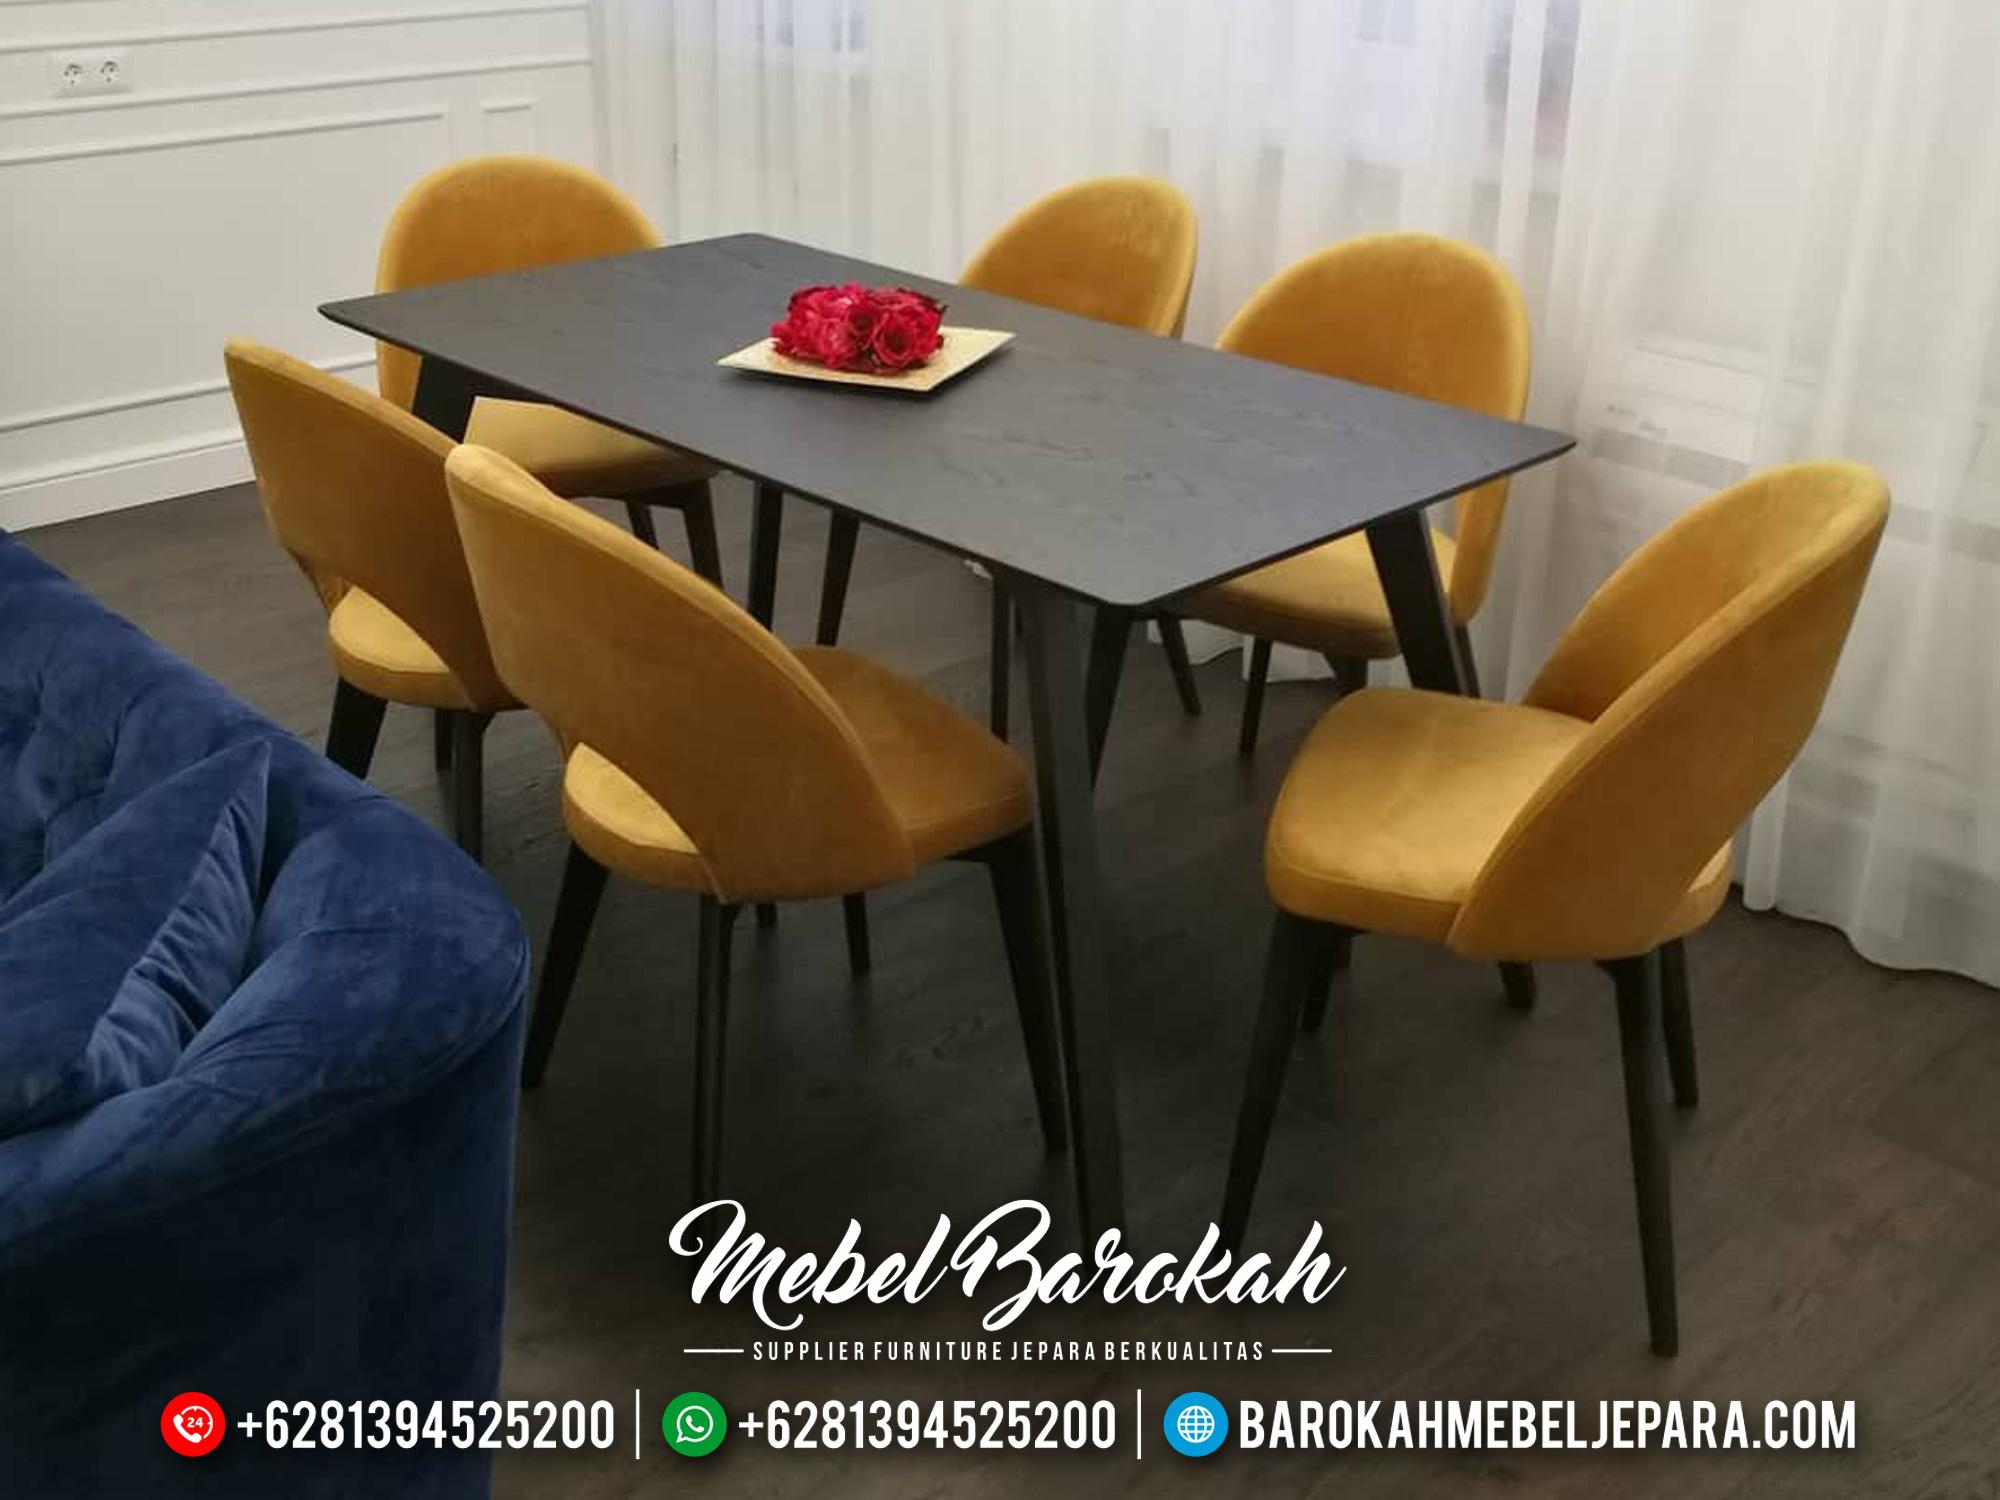 Jual Kursi Cafe, Kursi Makan Cafe, Meja Kursi Cafe, Kursi Cafe Terbaru, Kursi Cafe Minimalis, MB-0208